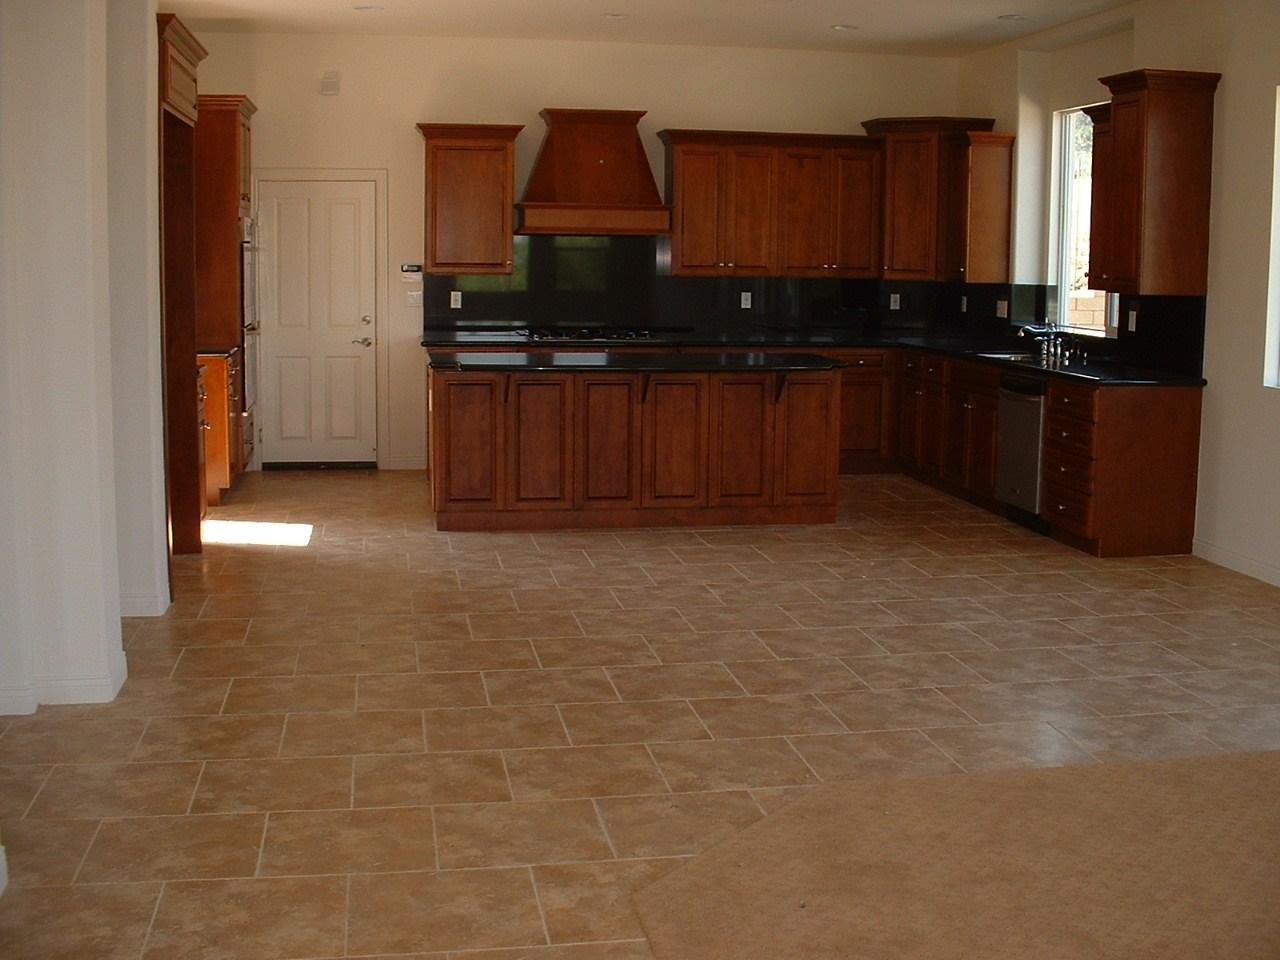 West coast flooring fullerton ca 92831 angies list for West coast floors